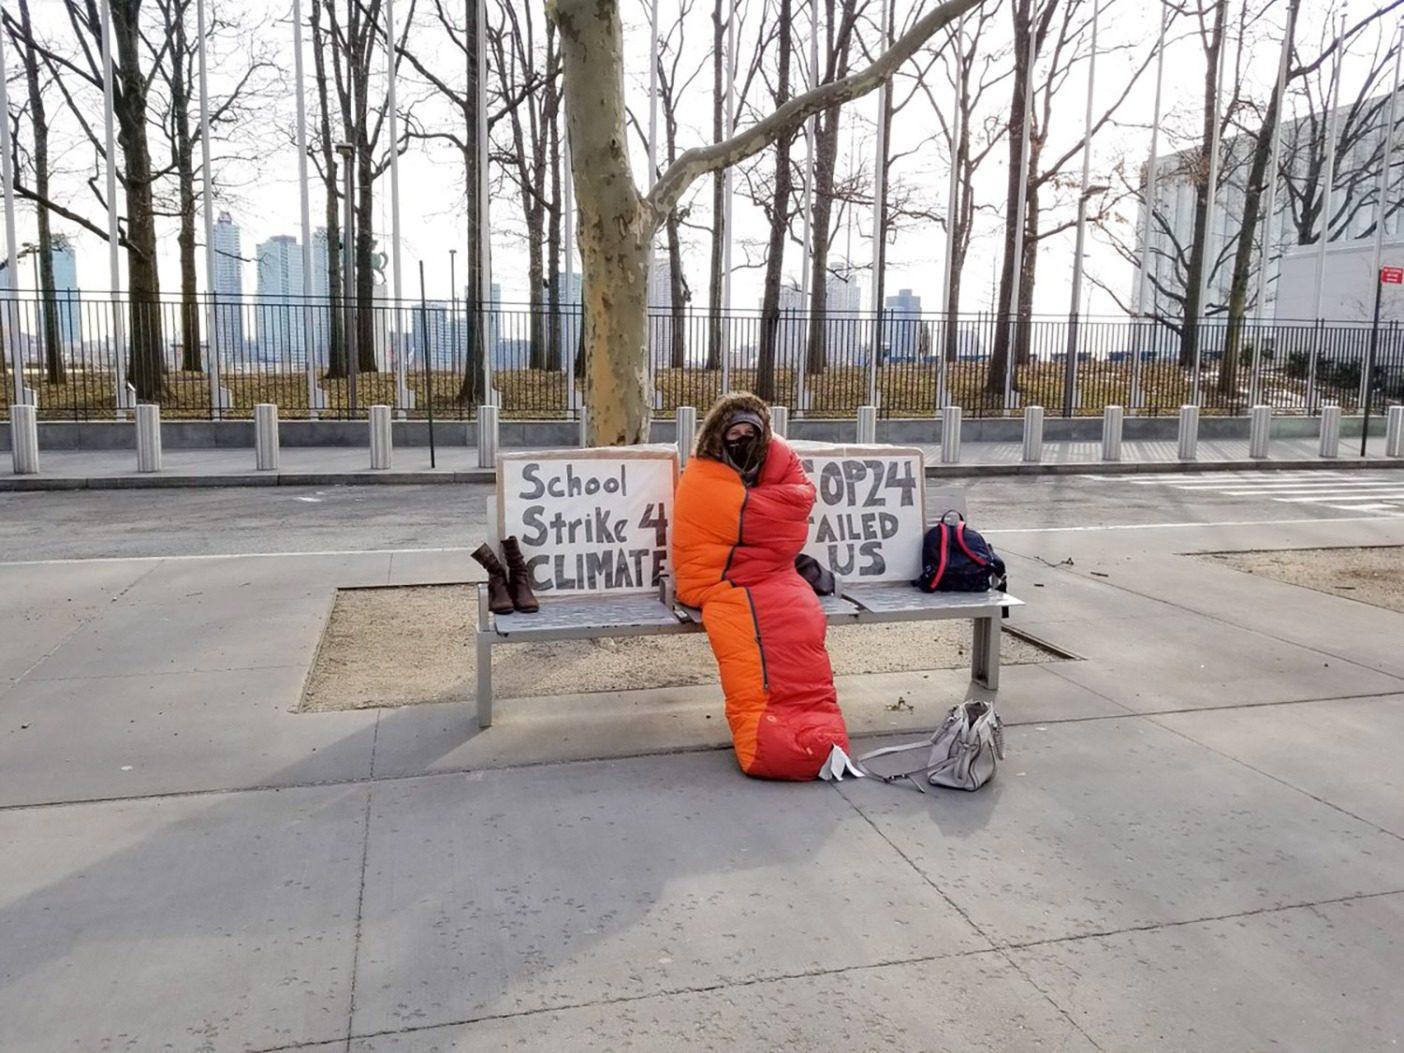 クライメート・ストライキ第8週目のアレクサンドリア。「ニューヨーク市の極渦の中での@UN #ClimateStrikeの第8週目。このために1週間ずっと準備をしながら、異常気象に対応するために違った生き方をしなければならなくなることを実感。いま人びとは死んでいます。すぐに行動を起こさねばなりません。#ActOnClimate! @GretaThunberg @350 #FridaysForFuture」Photo: Kristin Hogue